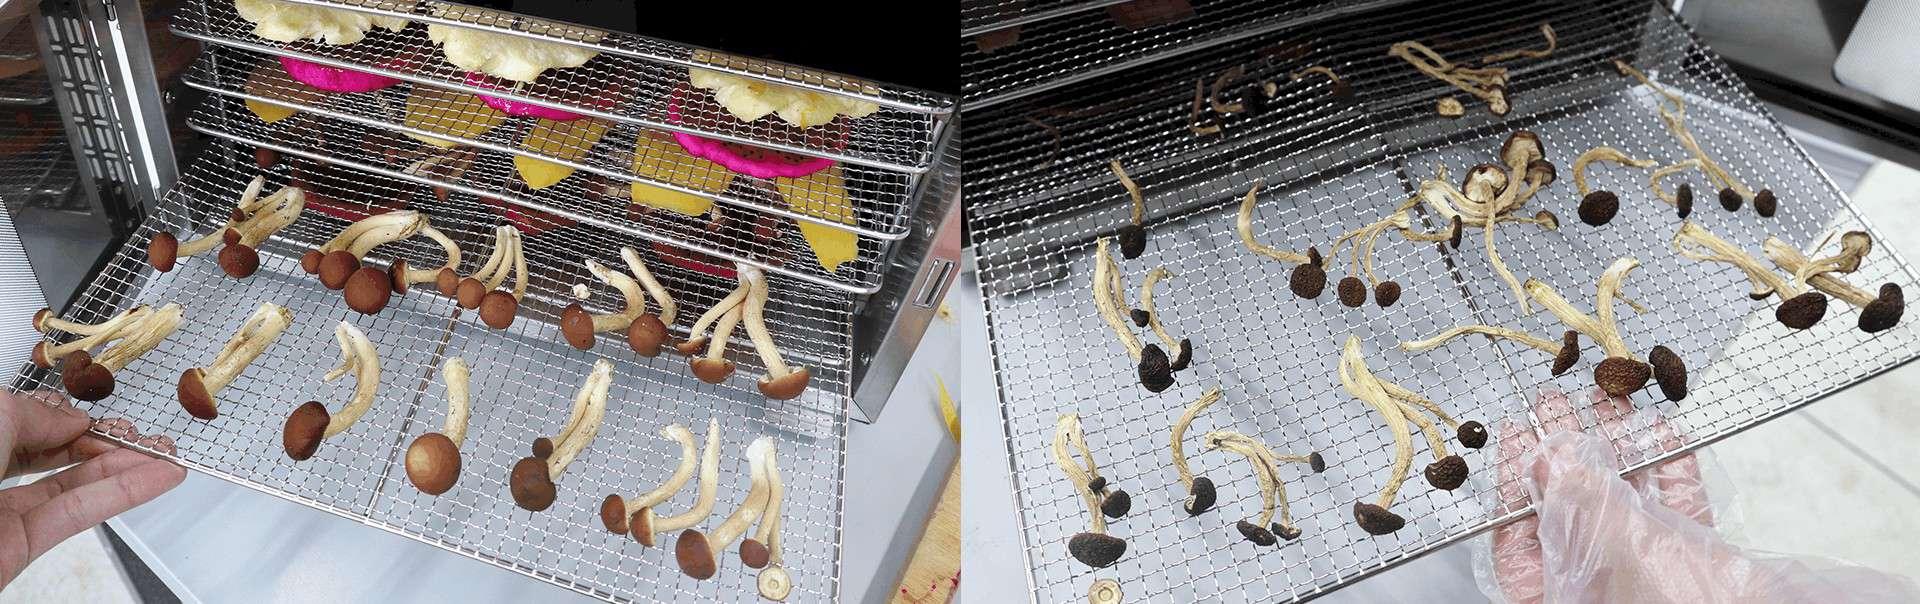 เครื่องอบแห้ง เครื่องอบผลไม้แห้ง -ก่อนและหลัง 4